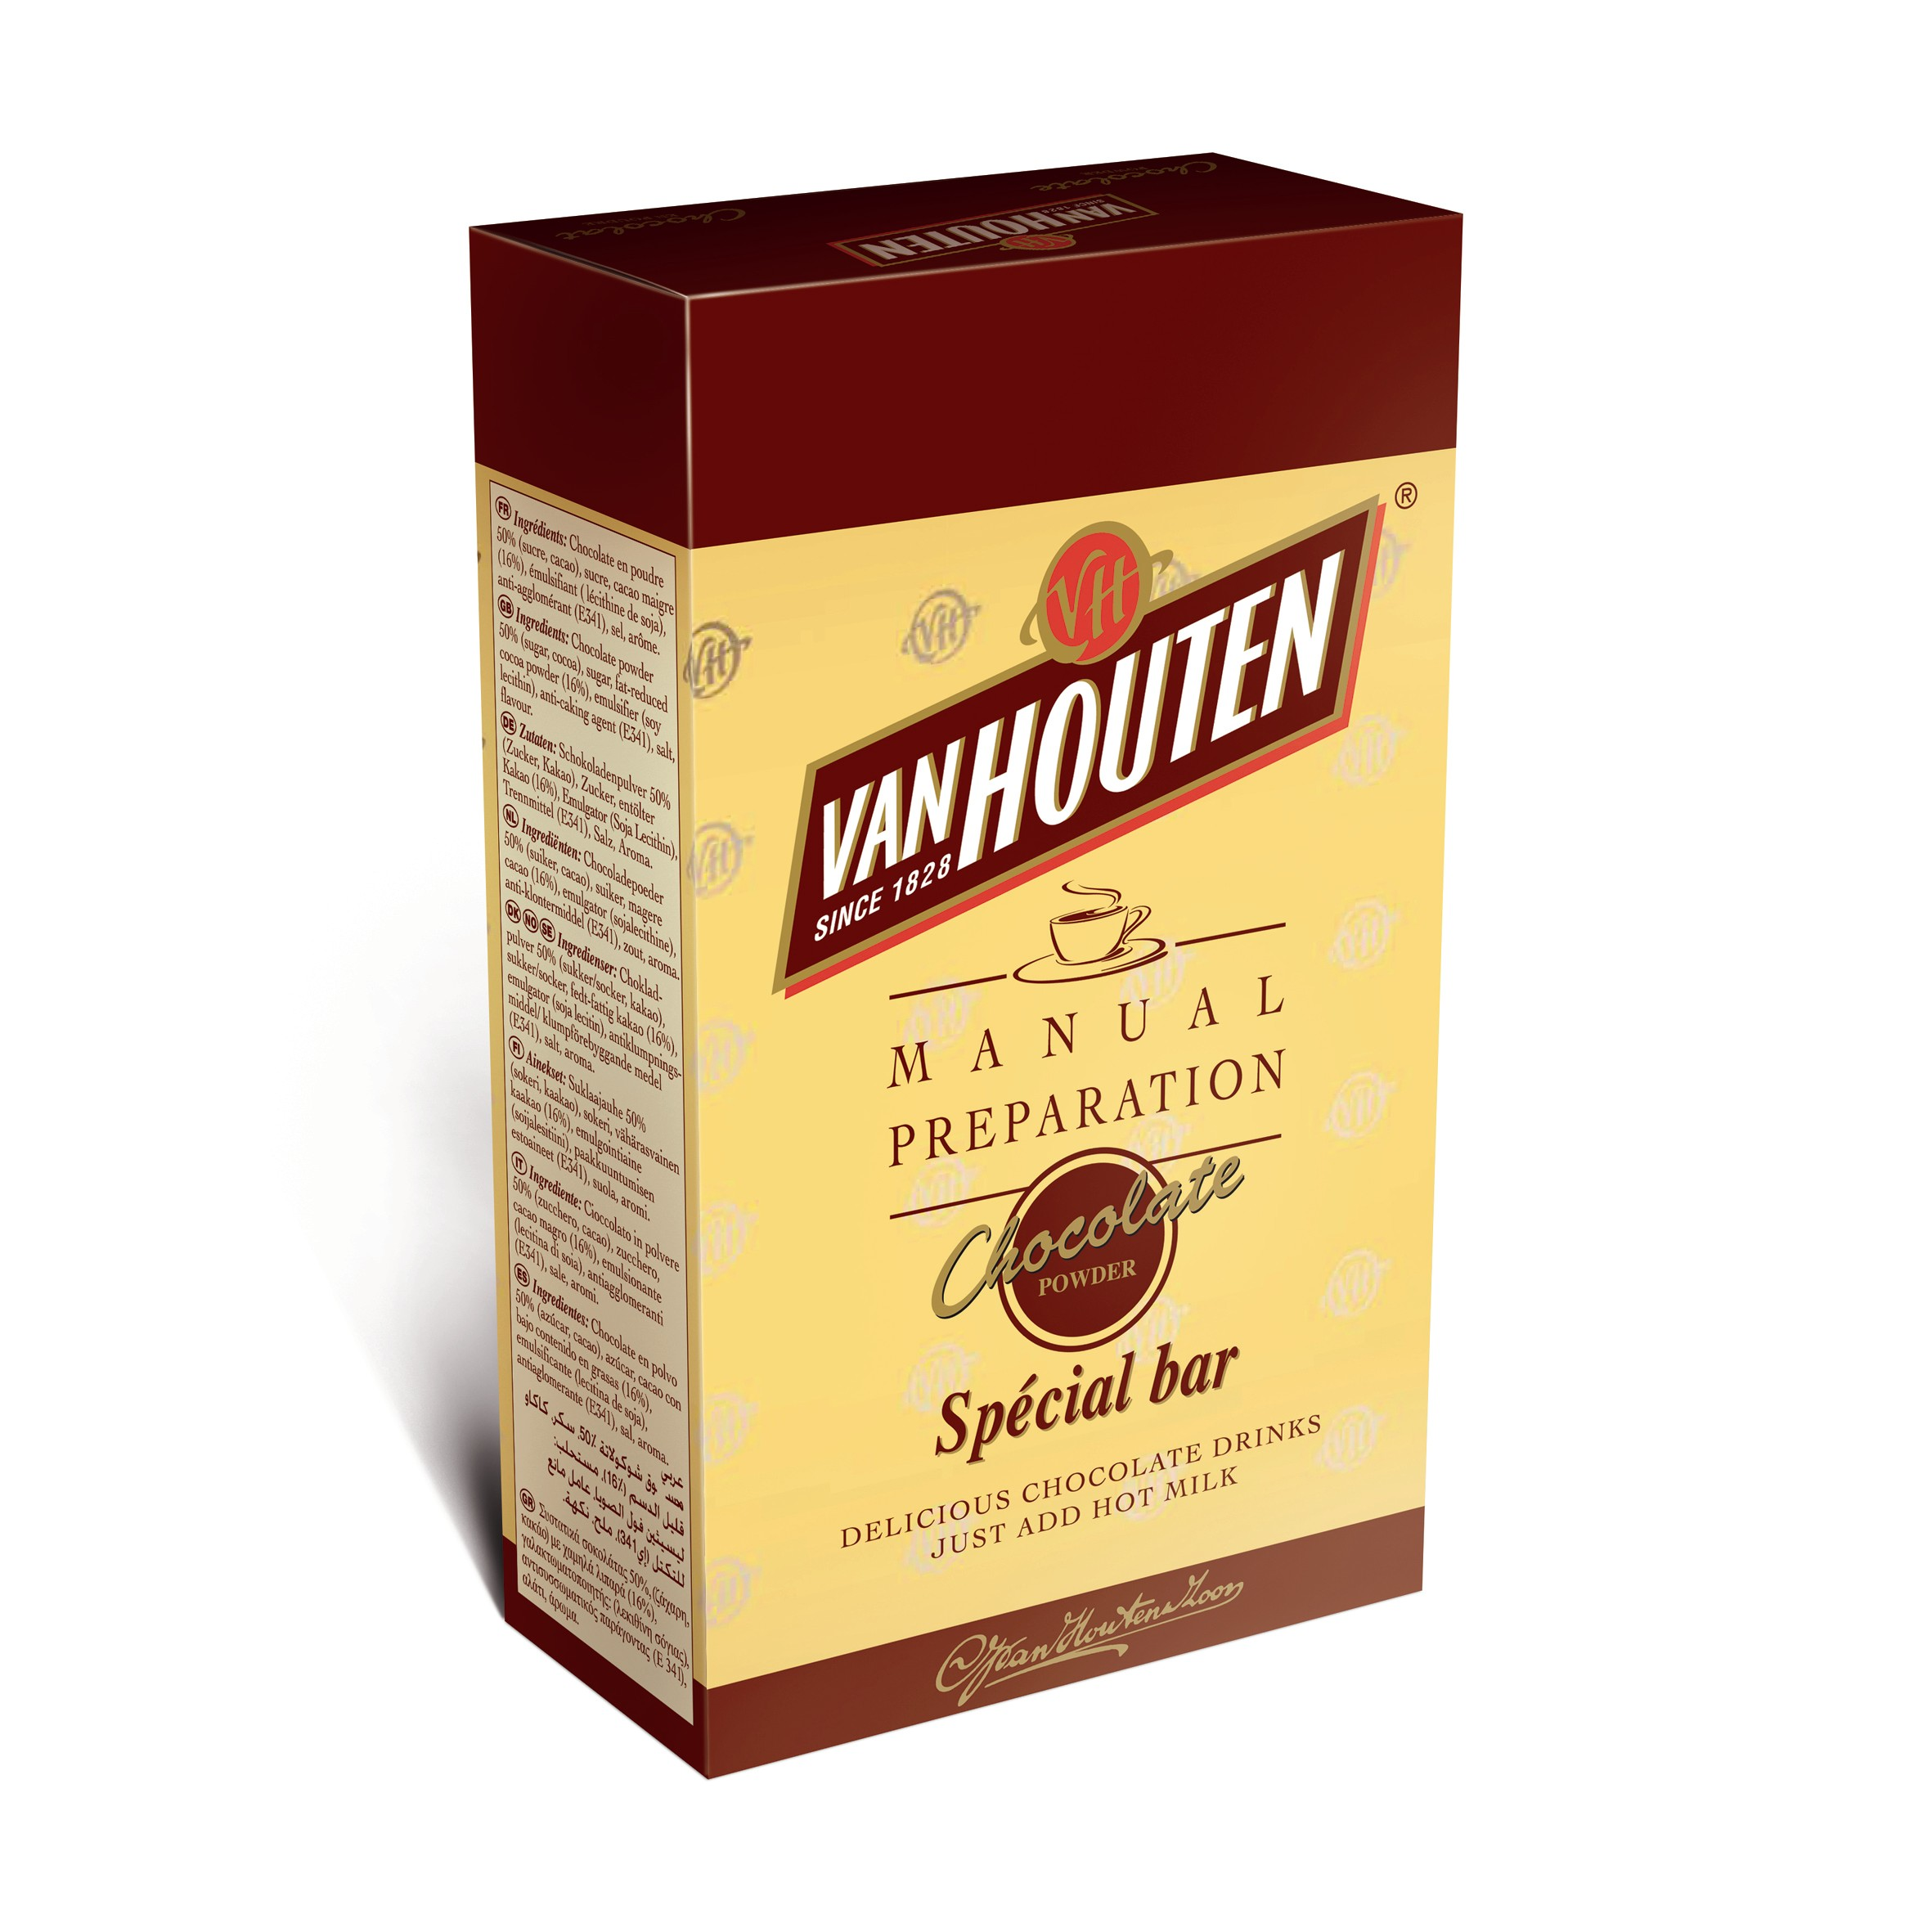 Van Houten Special Bar 32% Cocoa (10 x 1kg)